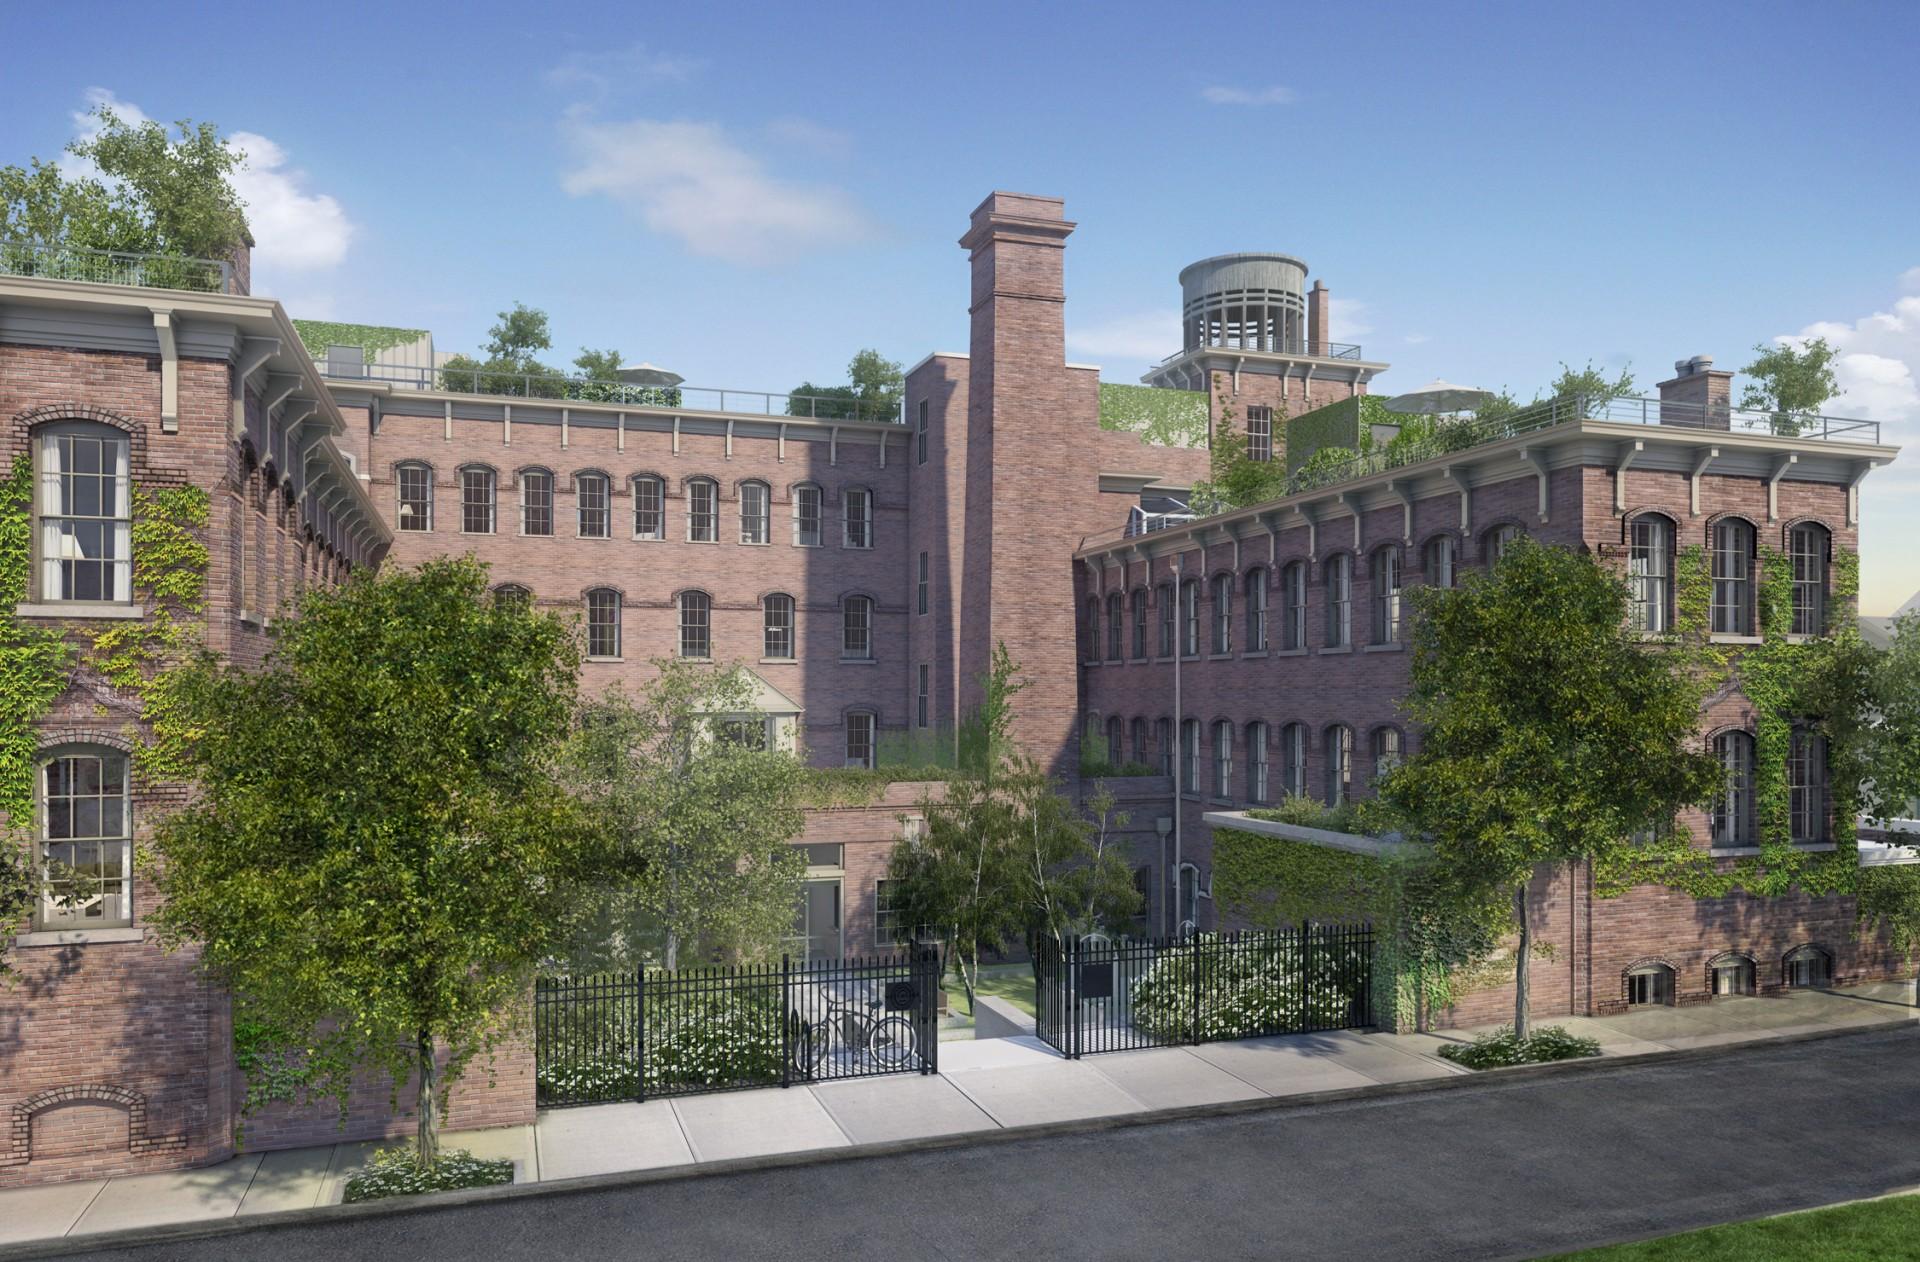 Watchcase Factory landscape architecture